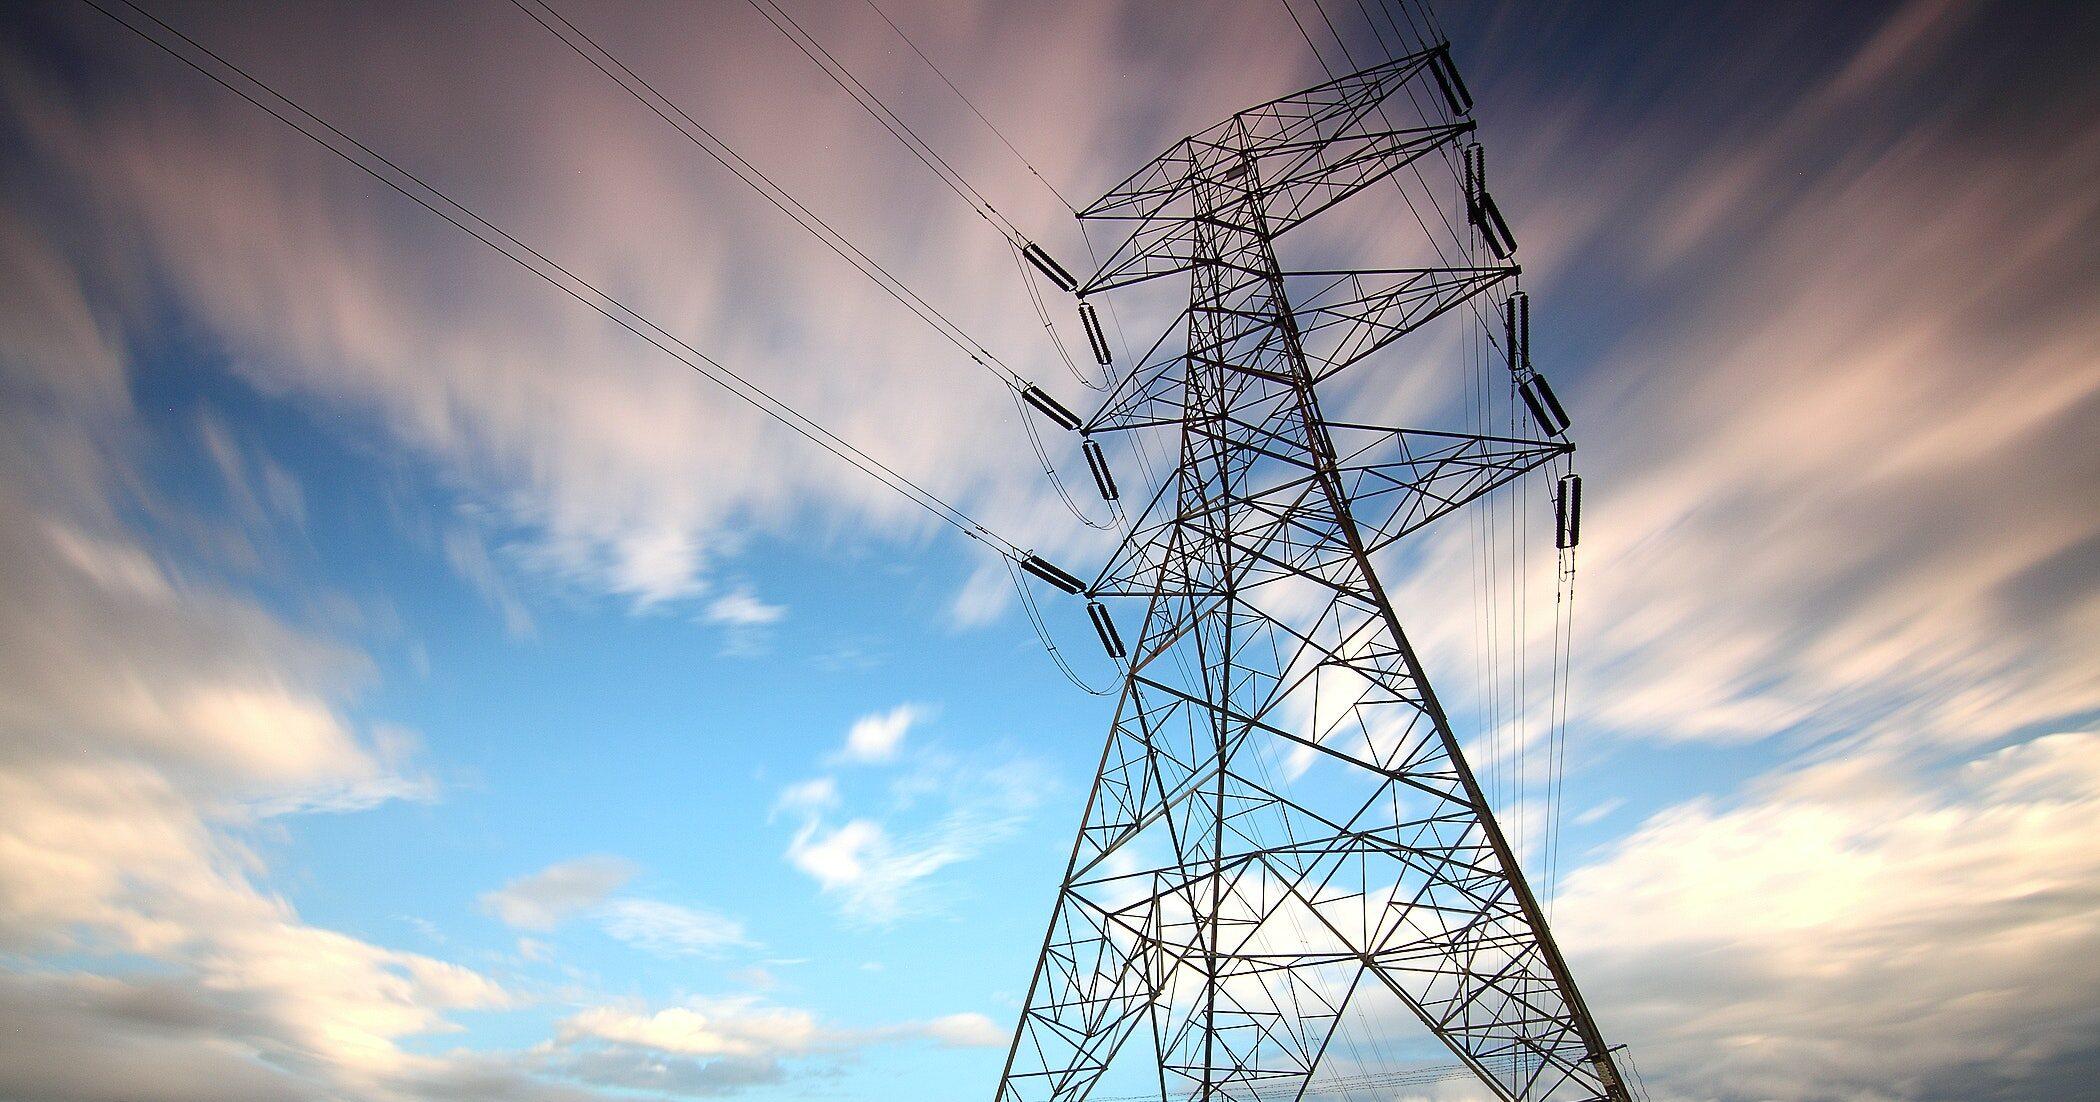 bollette prezzo fisso o variabile energia365